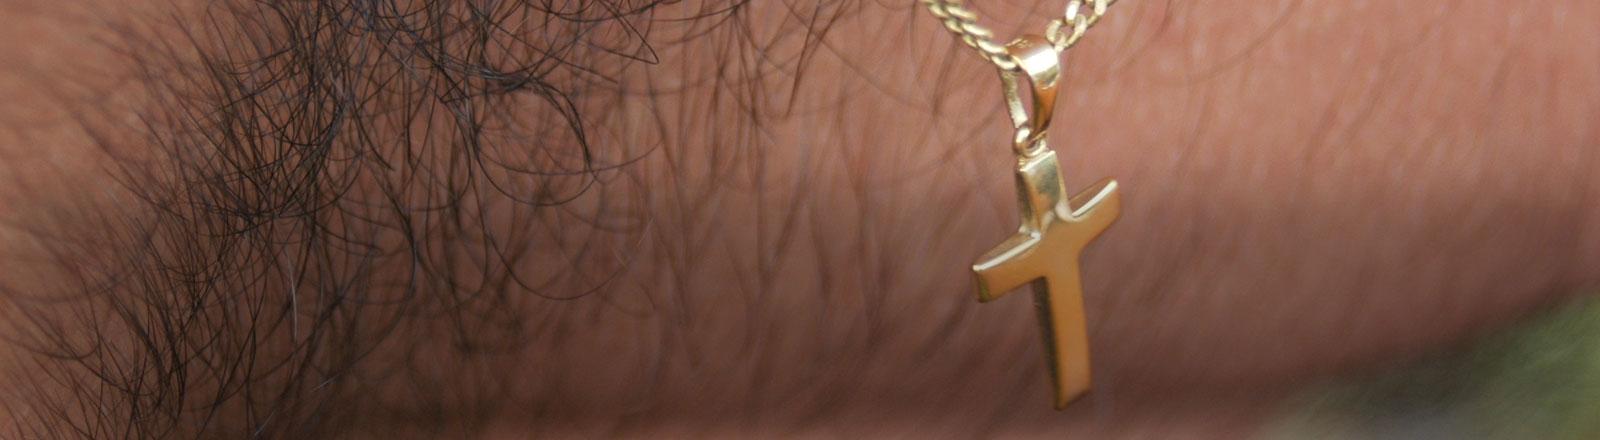 Ein Kreuz auf einer behaarten Männerbrust.